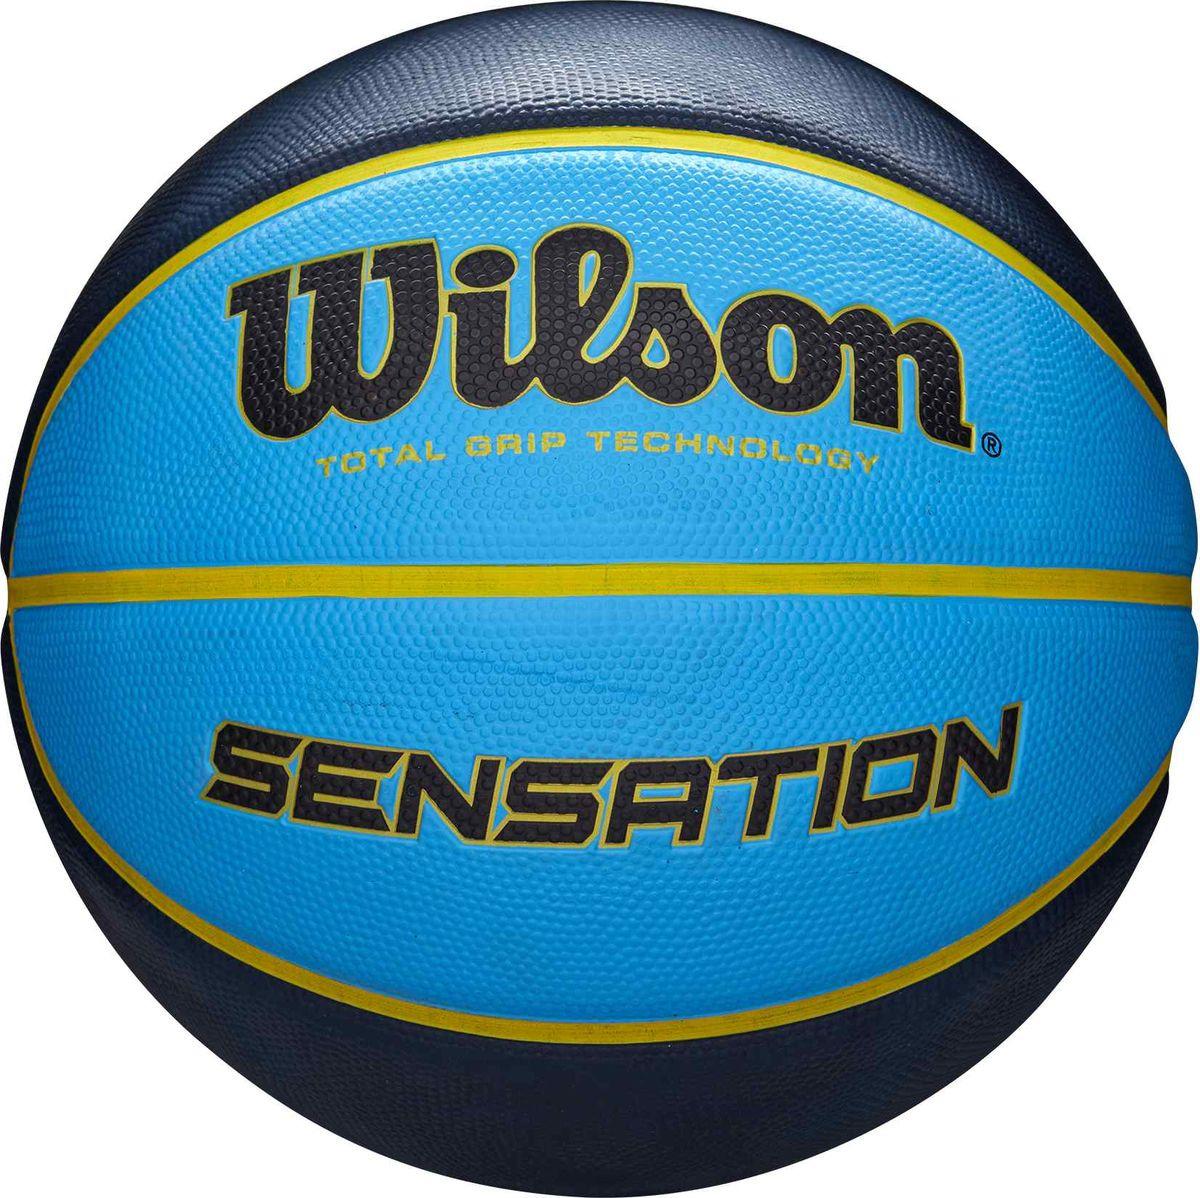 Мяч баскетбольный Wilson Sensation Sr 295 Bkt Bkbl, WTB9118XB0702, черный, синий